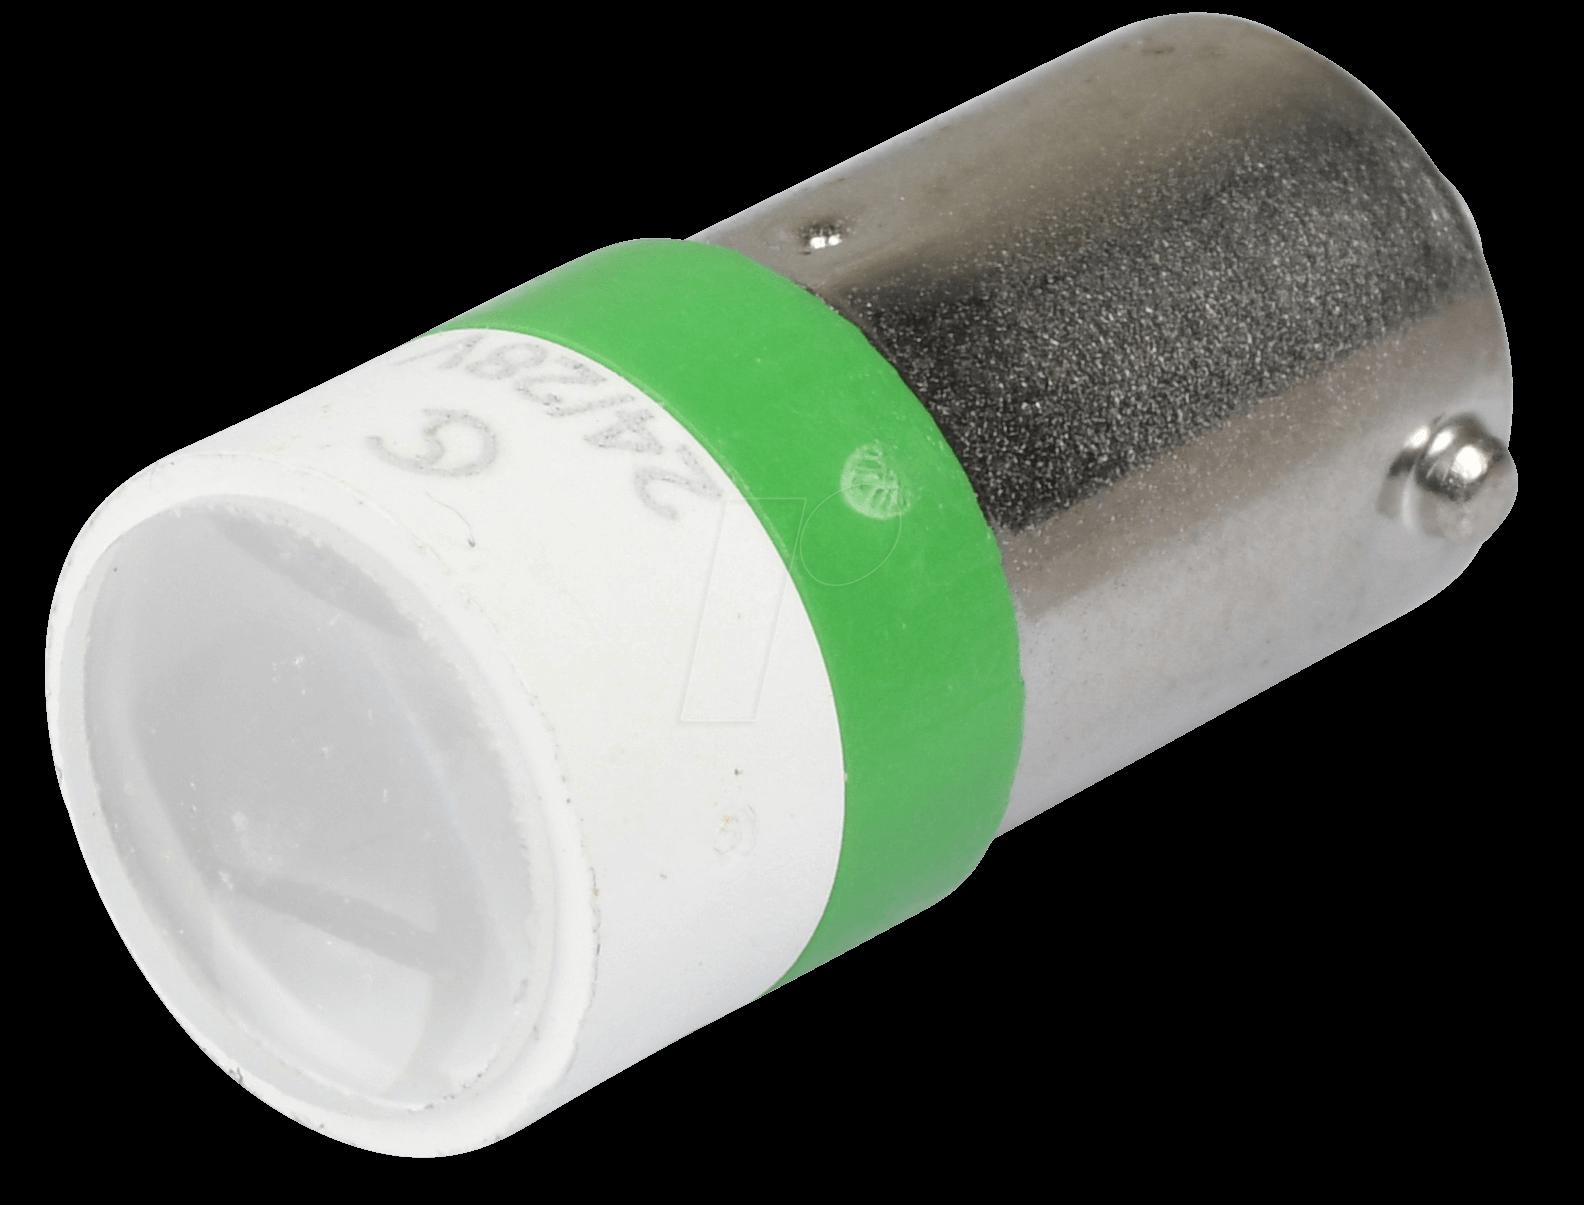 MELB 2274 - LED-Spot-Light, BA9s, grün, 24 V, 2...